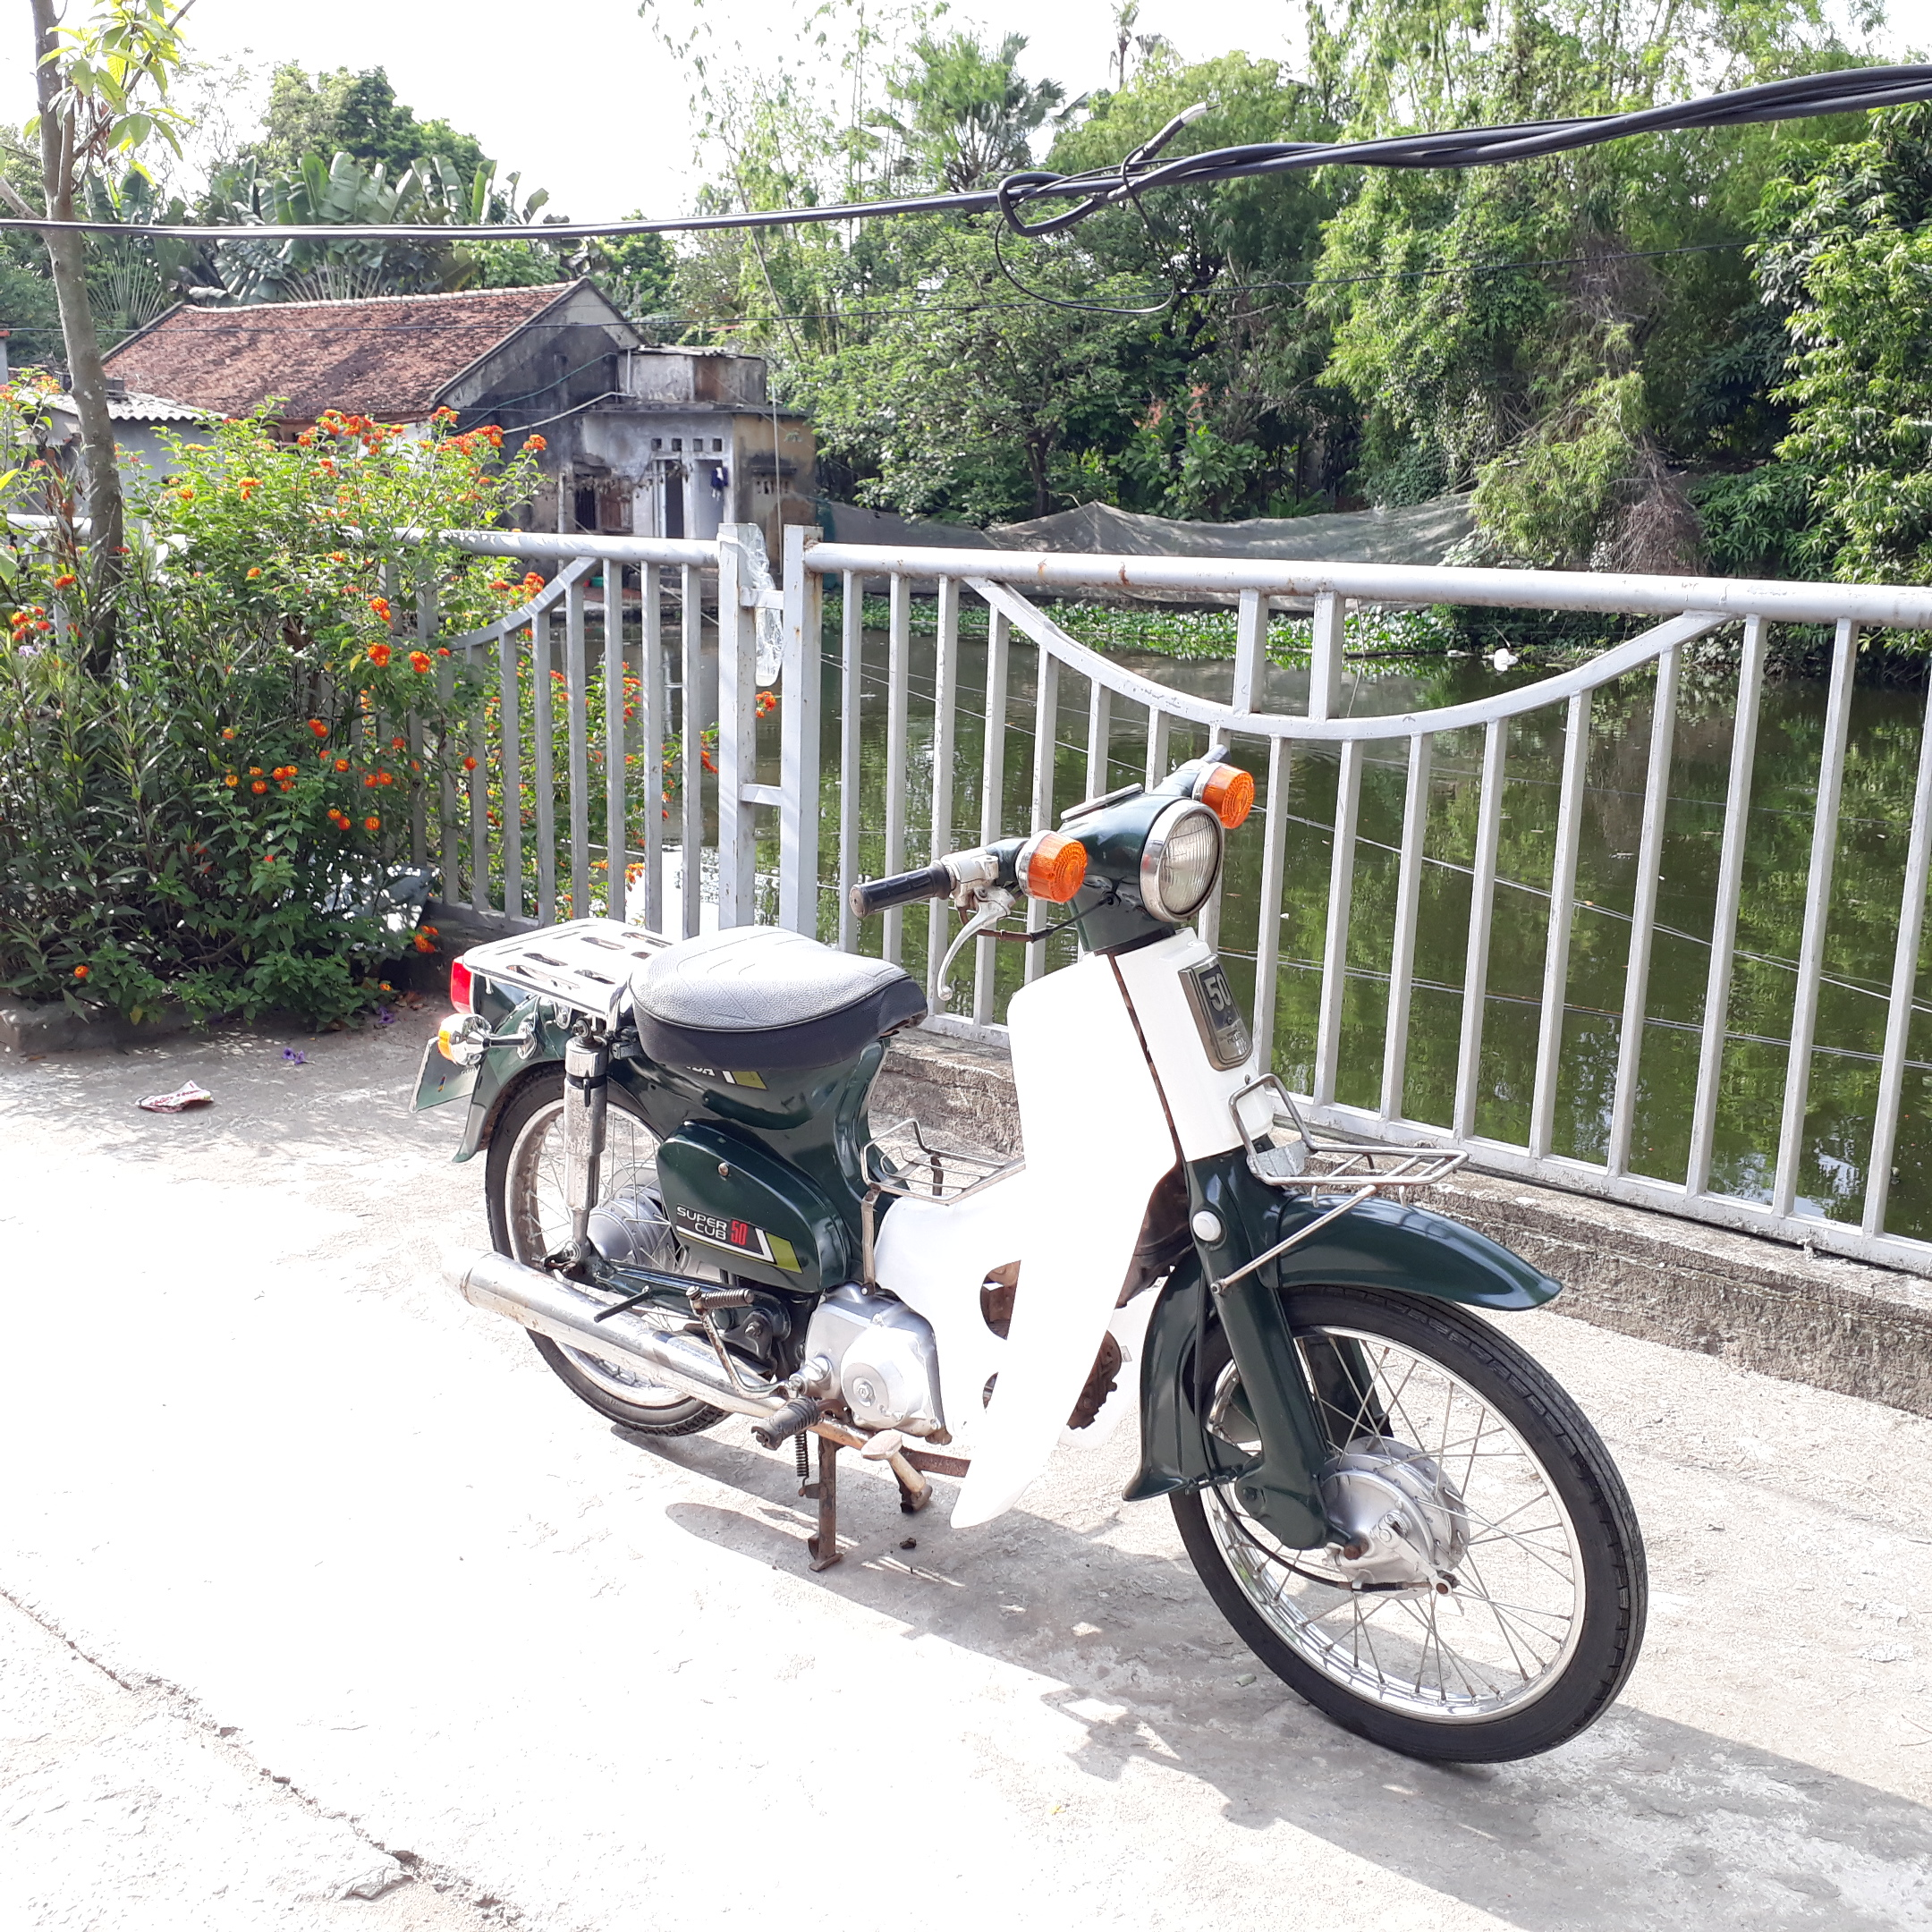 Cub 81 Honda Nhật Bản loại 50cc biển số Hà Nội 29